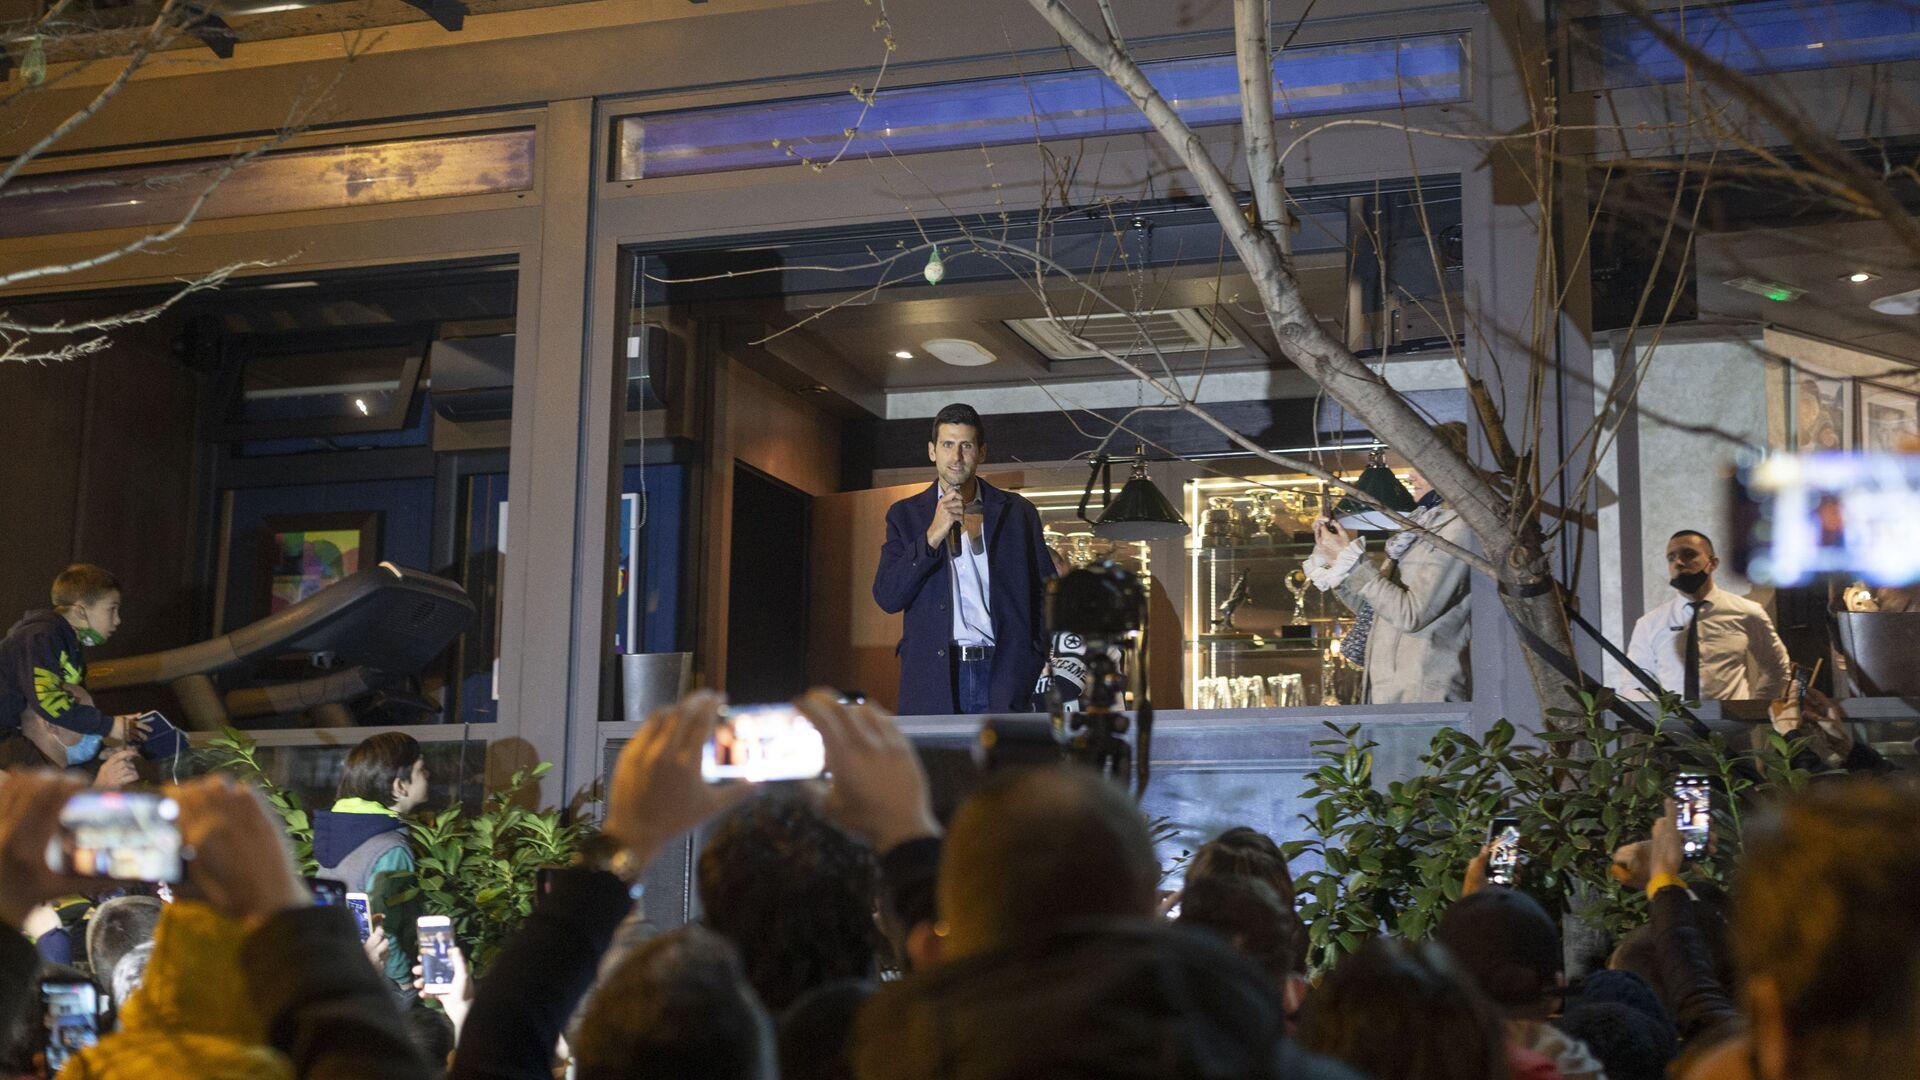 Новак Ђоковић пред навијачима испред свог ресторана на Новом Београду - Sputnik Србија, 1920, 19.07.2021